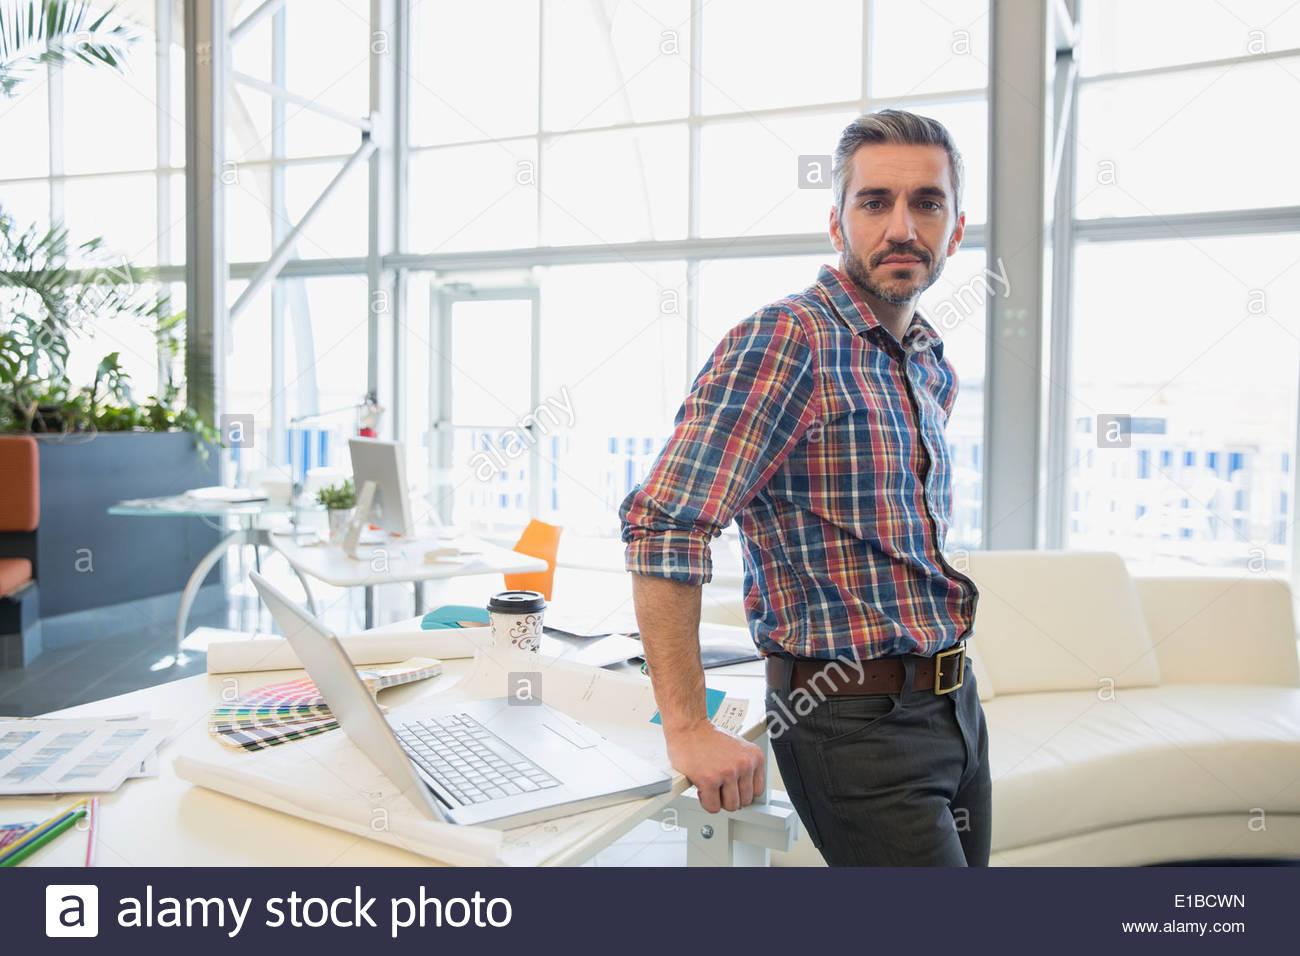 Porträt von kreativen Geschäftsmann im Büro Stockbild